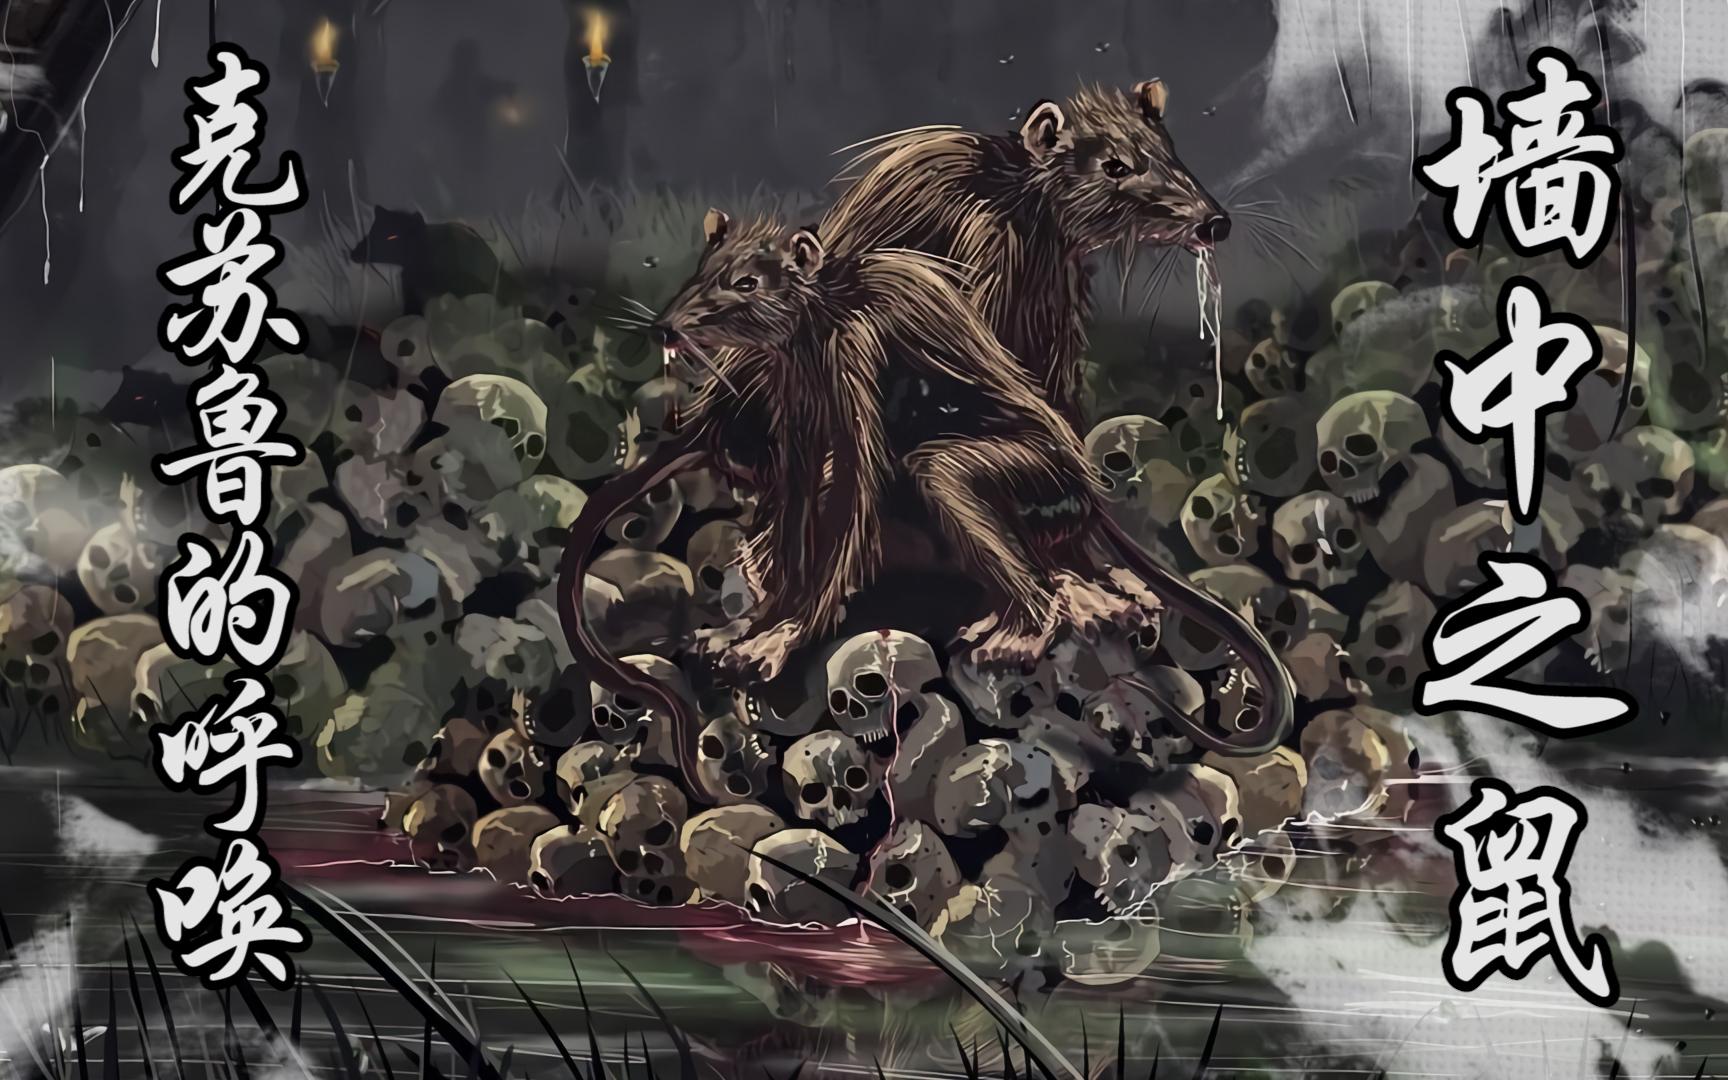 那些他们永远都听不见的老鼠,那些墙中之鼠!克苏鲁的呼唤原著《墙中之鼠》